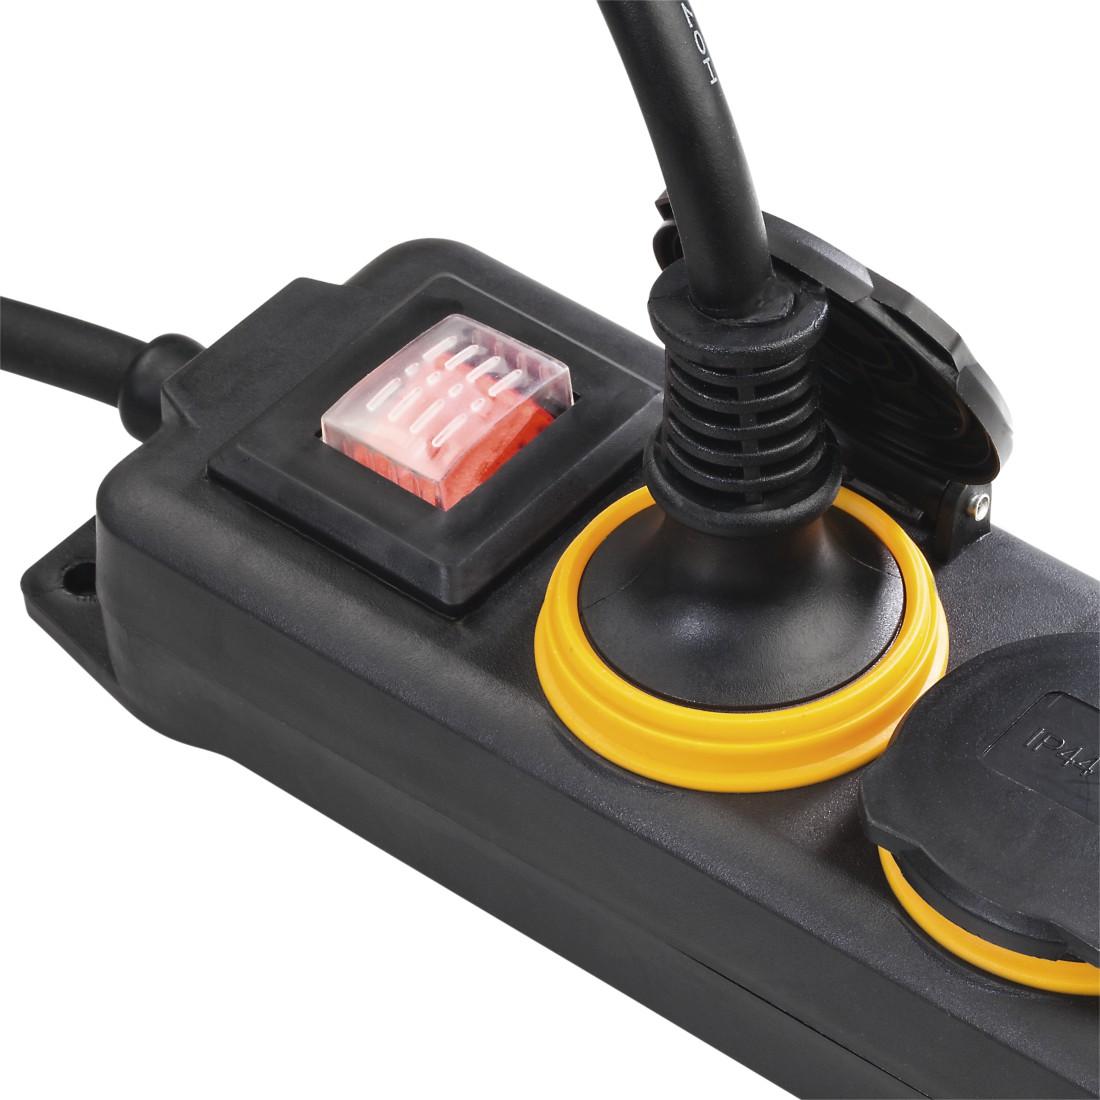 00137284 Hama 4 Way Power Strip With Switch Splash Proof Ip 44 2 Joystick Awx High Res Appliance